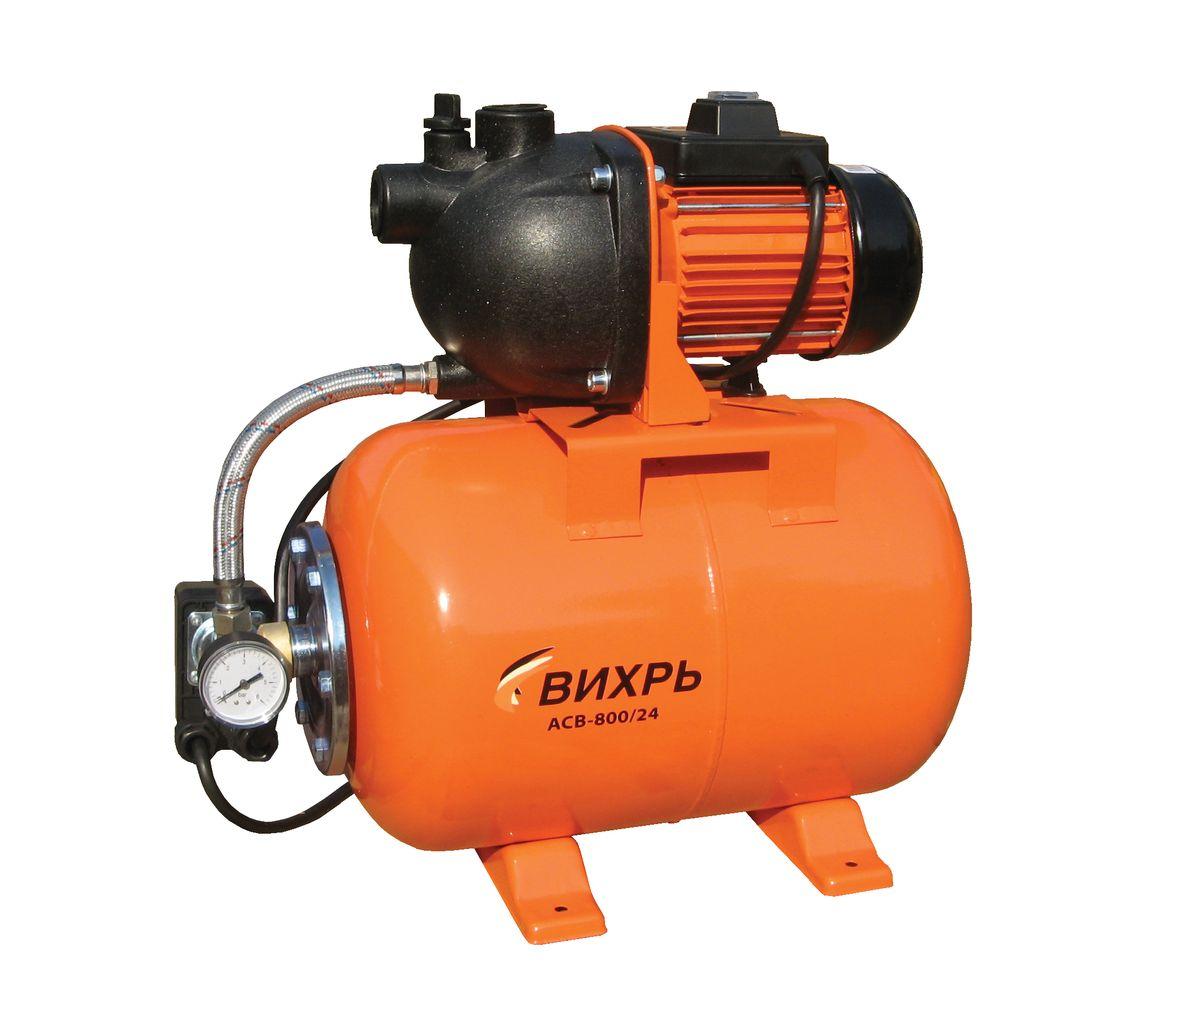 Насосная станция Вихрь АСВ-800/2468/1/1Насосная станция Вихрь АСВ-800/24 предназначена для бесперебойного водоснабжения в автоматическом режиме, коттеджей, дач, ферм и других потребителей. При этом она автоматически поддерживает необходимое давление в системе водоснабжения, самостоятельно включаясь и отключаясь по мере расходования воды потребителями. Встроенный датчик давления обеспечивает автоматическое включение насоса в случае необходимости. Гидроаккумулятор служит для аккумулирования воды под давлением и сглаживания гидроударов. Он состоит из стального резервуара со сменной мембраной из пищевой резины и имеет пневмоклапан для закачивания сжатого воздуха. Насос со встроенным эжектором, сочетает преимущества центробежных с практичностью самовсасывающих насосов. Встроенный внутренний эжектор с системой труб Вентури обеспечивает хорошие условия всасывания на входе в насос и позволяет создать высокое давление на выходе. Они позволяют перекачивать воду с меньшими, по сравнению с обычными центробежными...